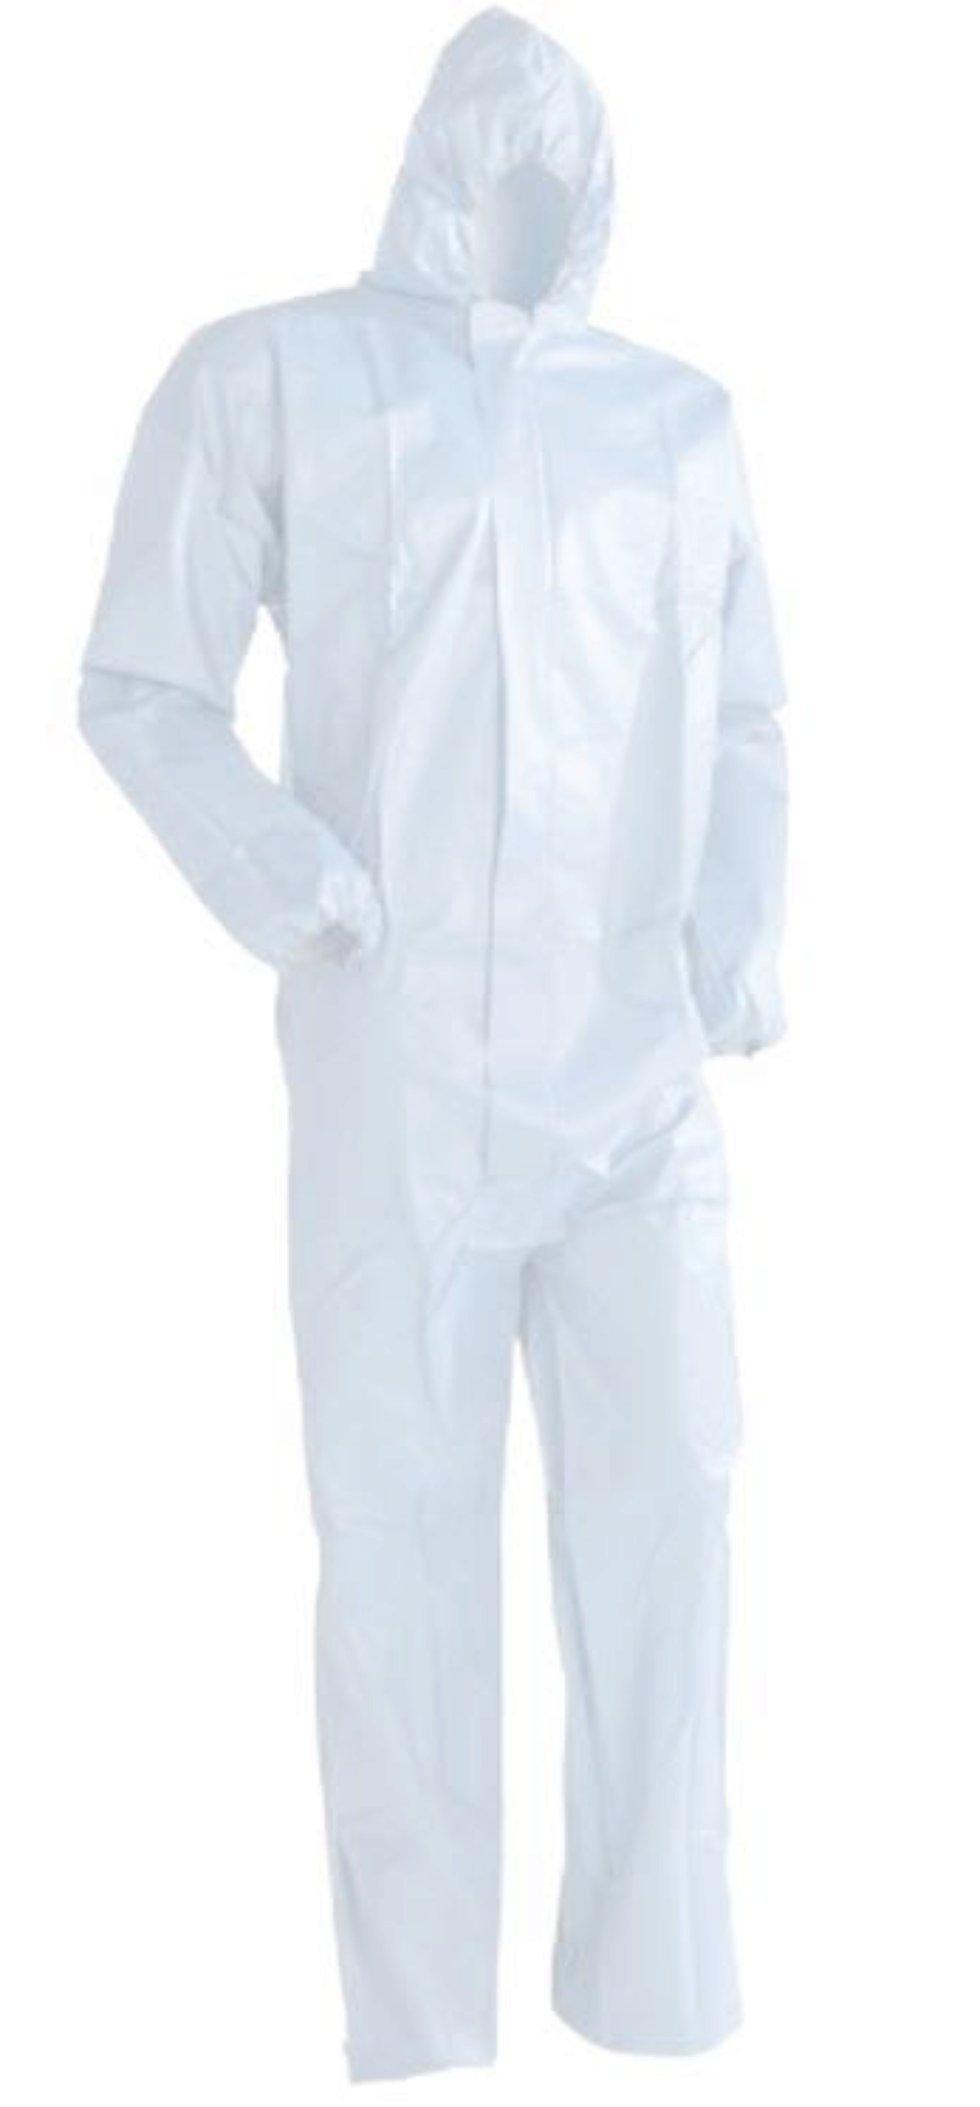 Комбинезон ламинированный одноразовый, размер 2XL, цвет белый